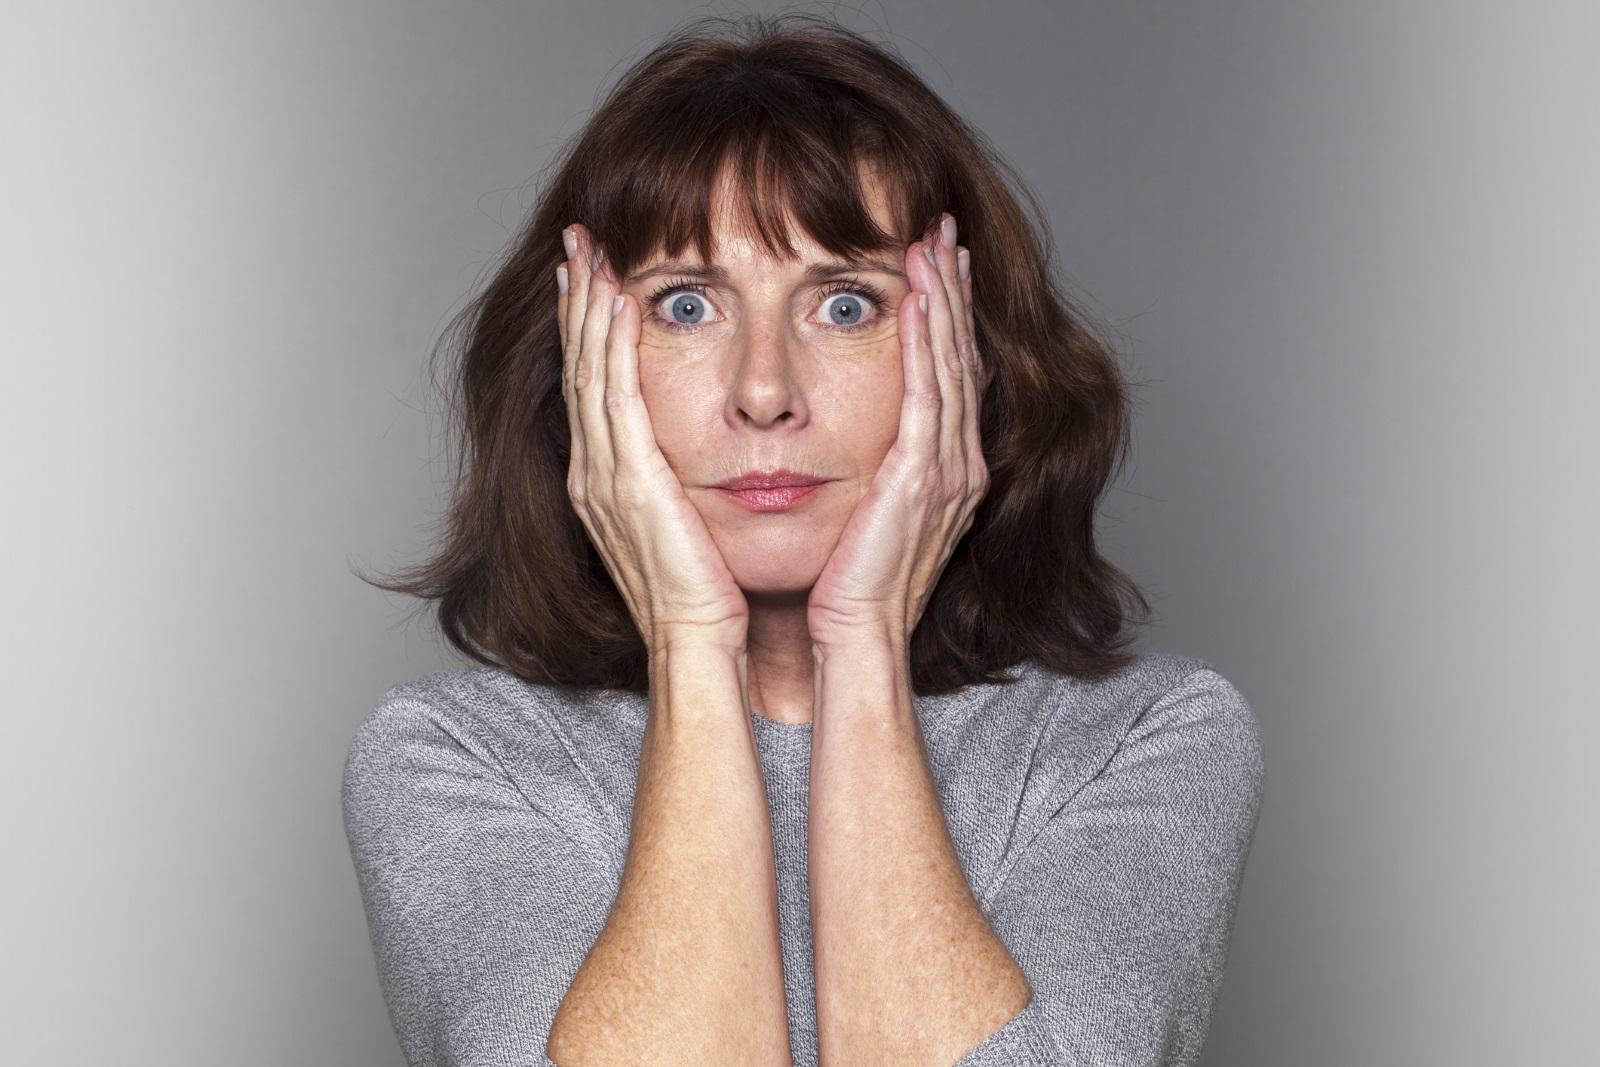 7.След 45 години започва периодът на втората младост не само при жените, но и при мъжете.По думите на един западен психолог, ние най-накрая преставаме да измерваме възрастта си с броя на годините и започваме да мислим за времето, което ни остава да изживеем.